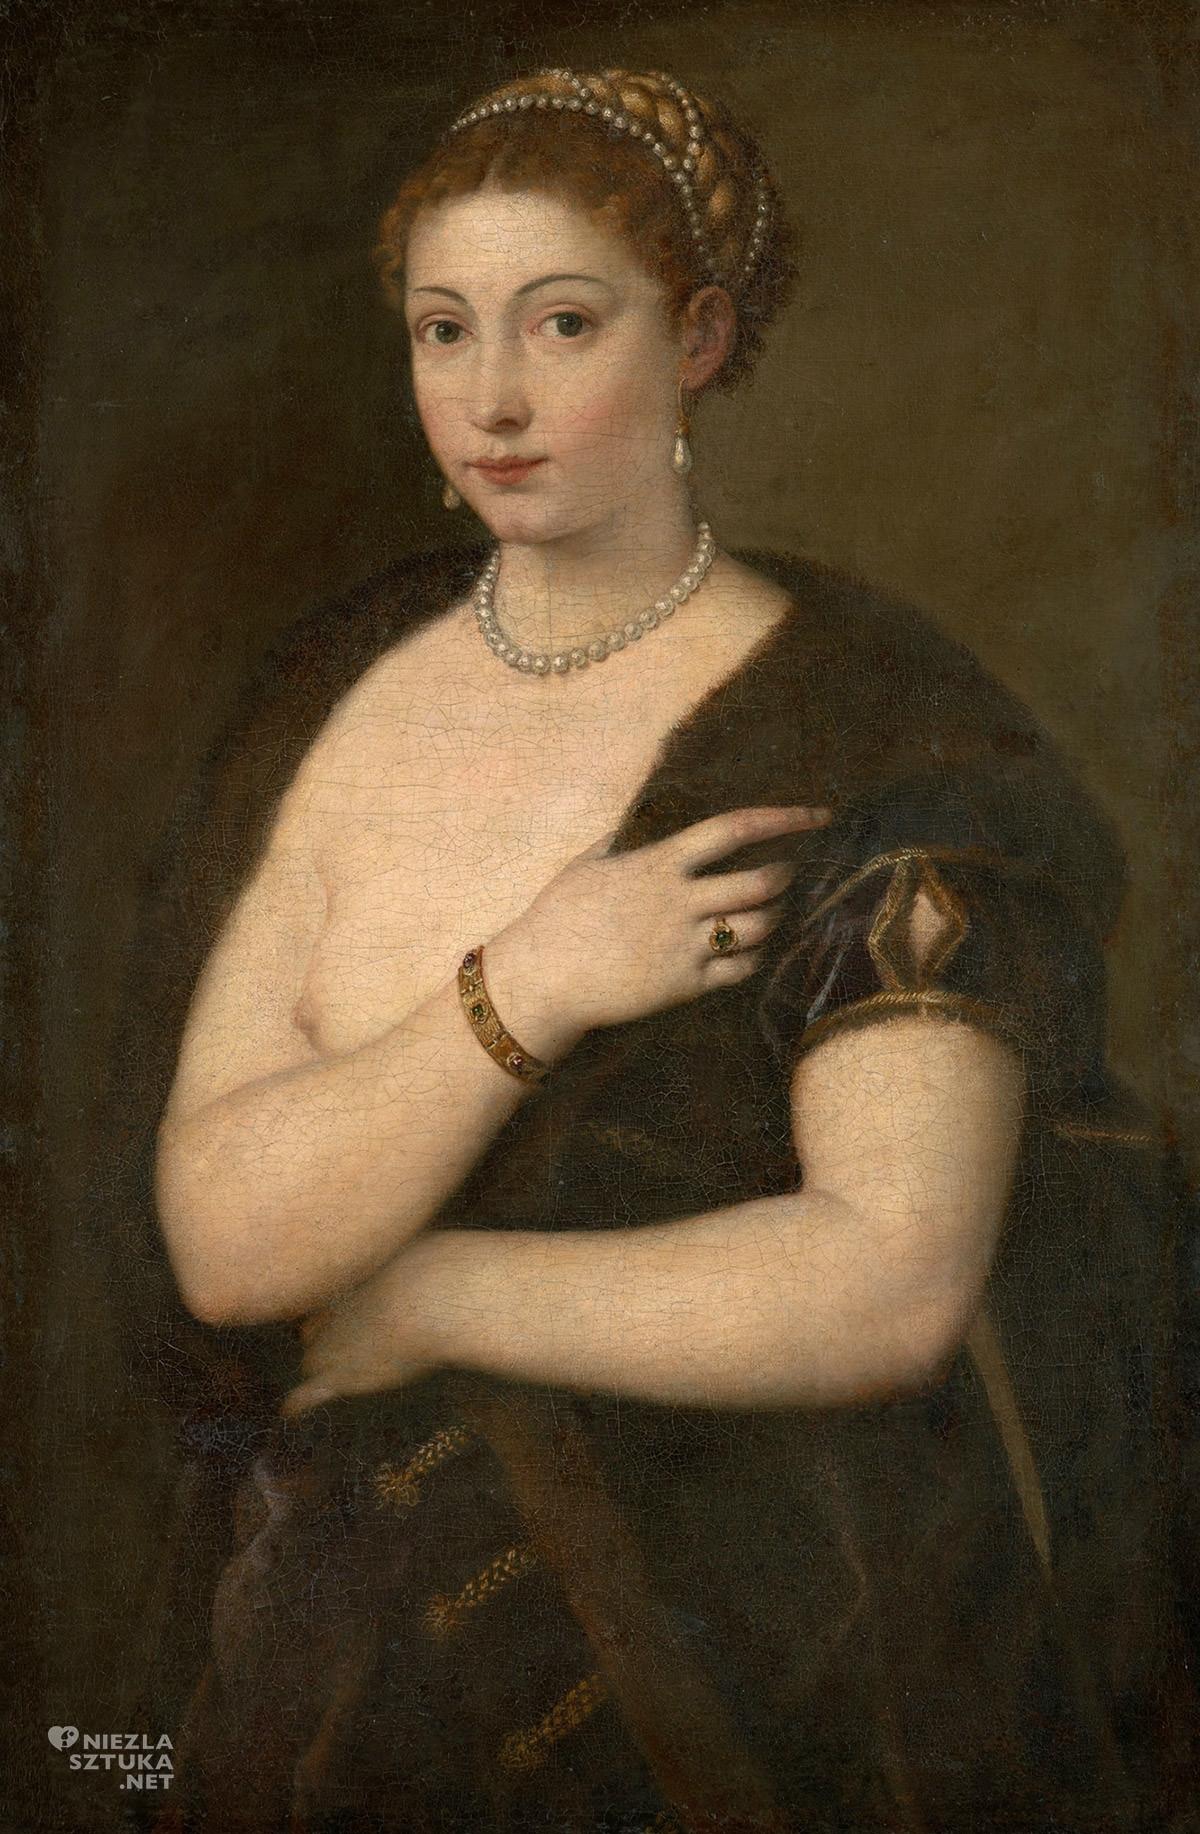 Tycjan, Kobieta w futrze, renesans, sztuka włoska, Niezła Sztuka